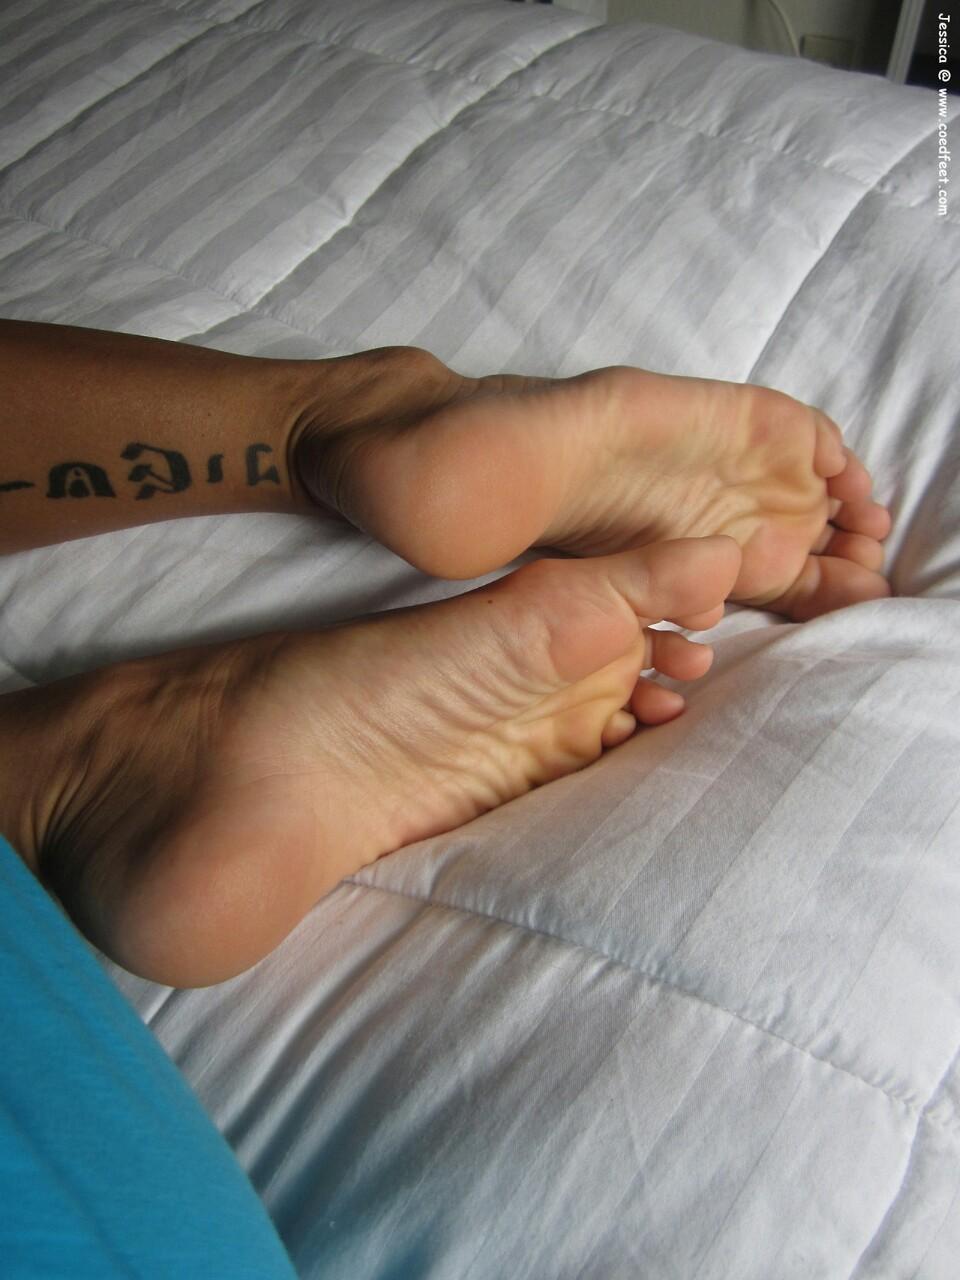 Fétichisme des pieds sexy avec du footjob en photos 05